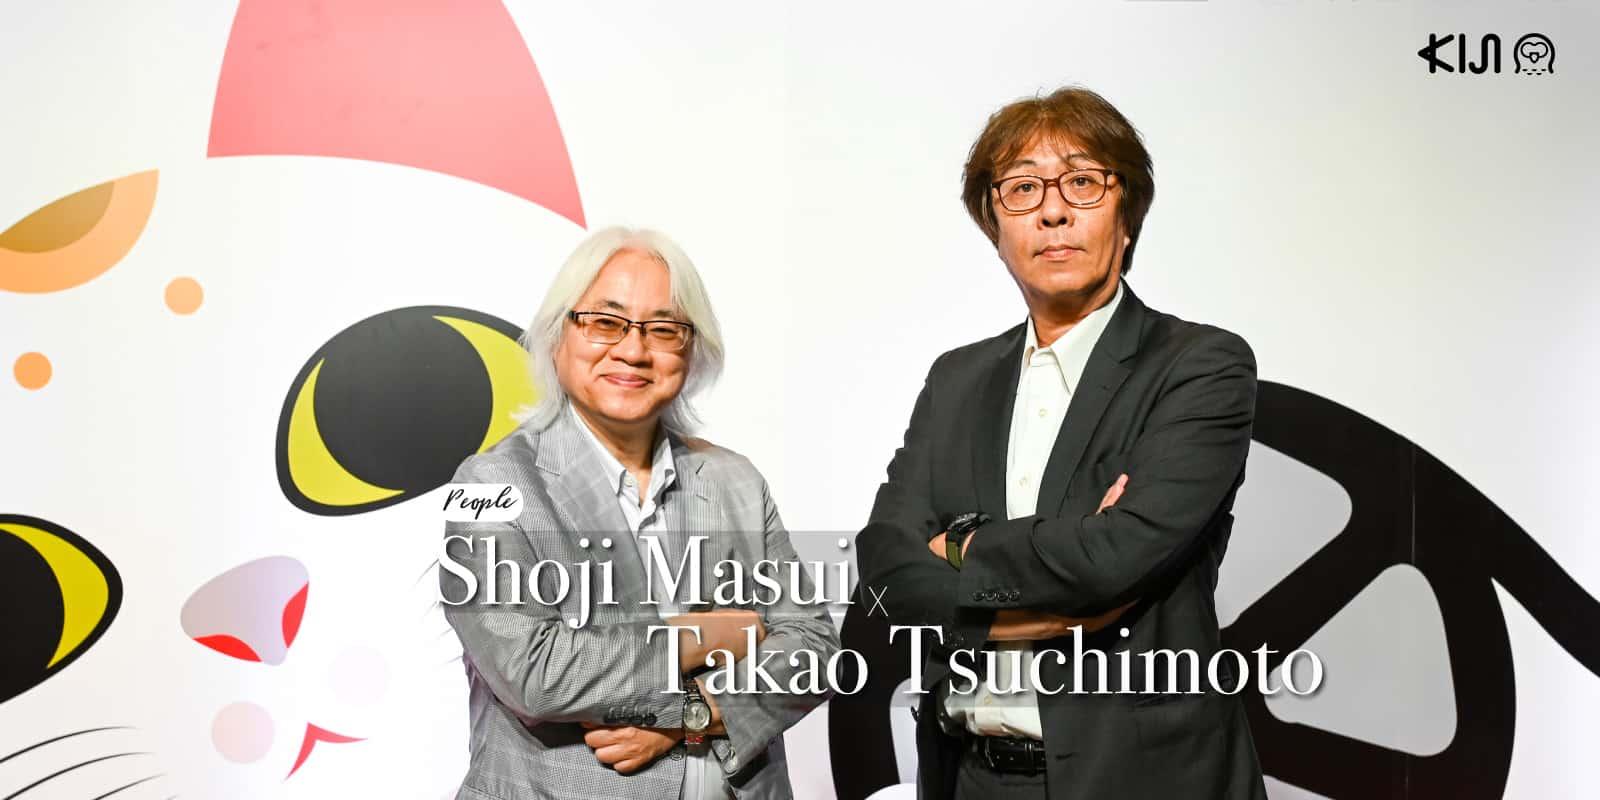 มาซึอิ โชจิ (Shoji Masui) และ สึจิโมโตะ ทาคาโอะ (Takao Tsuchimoto)